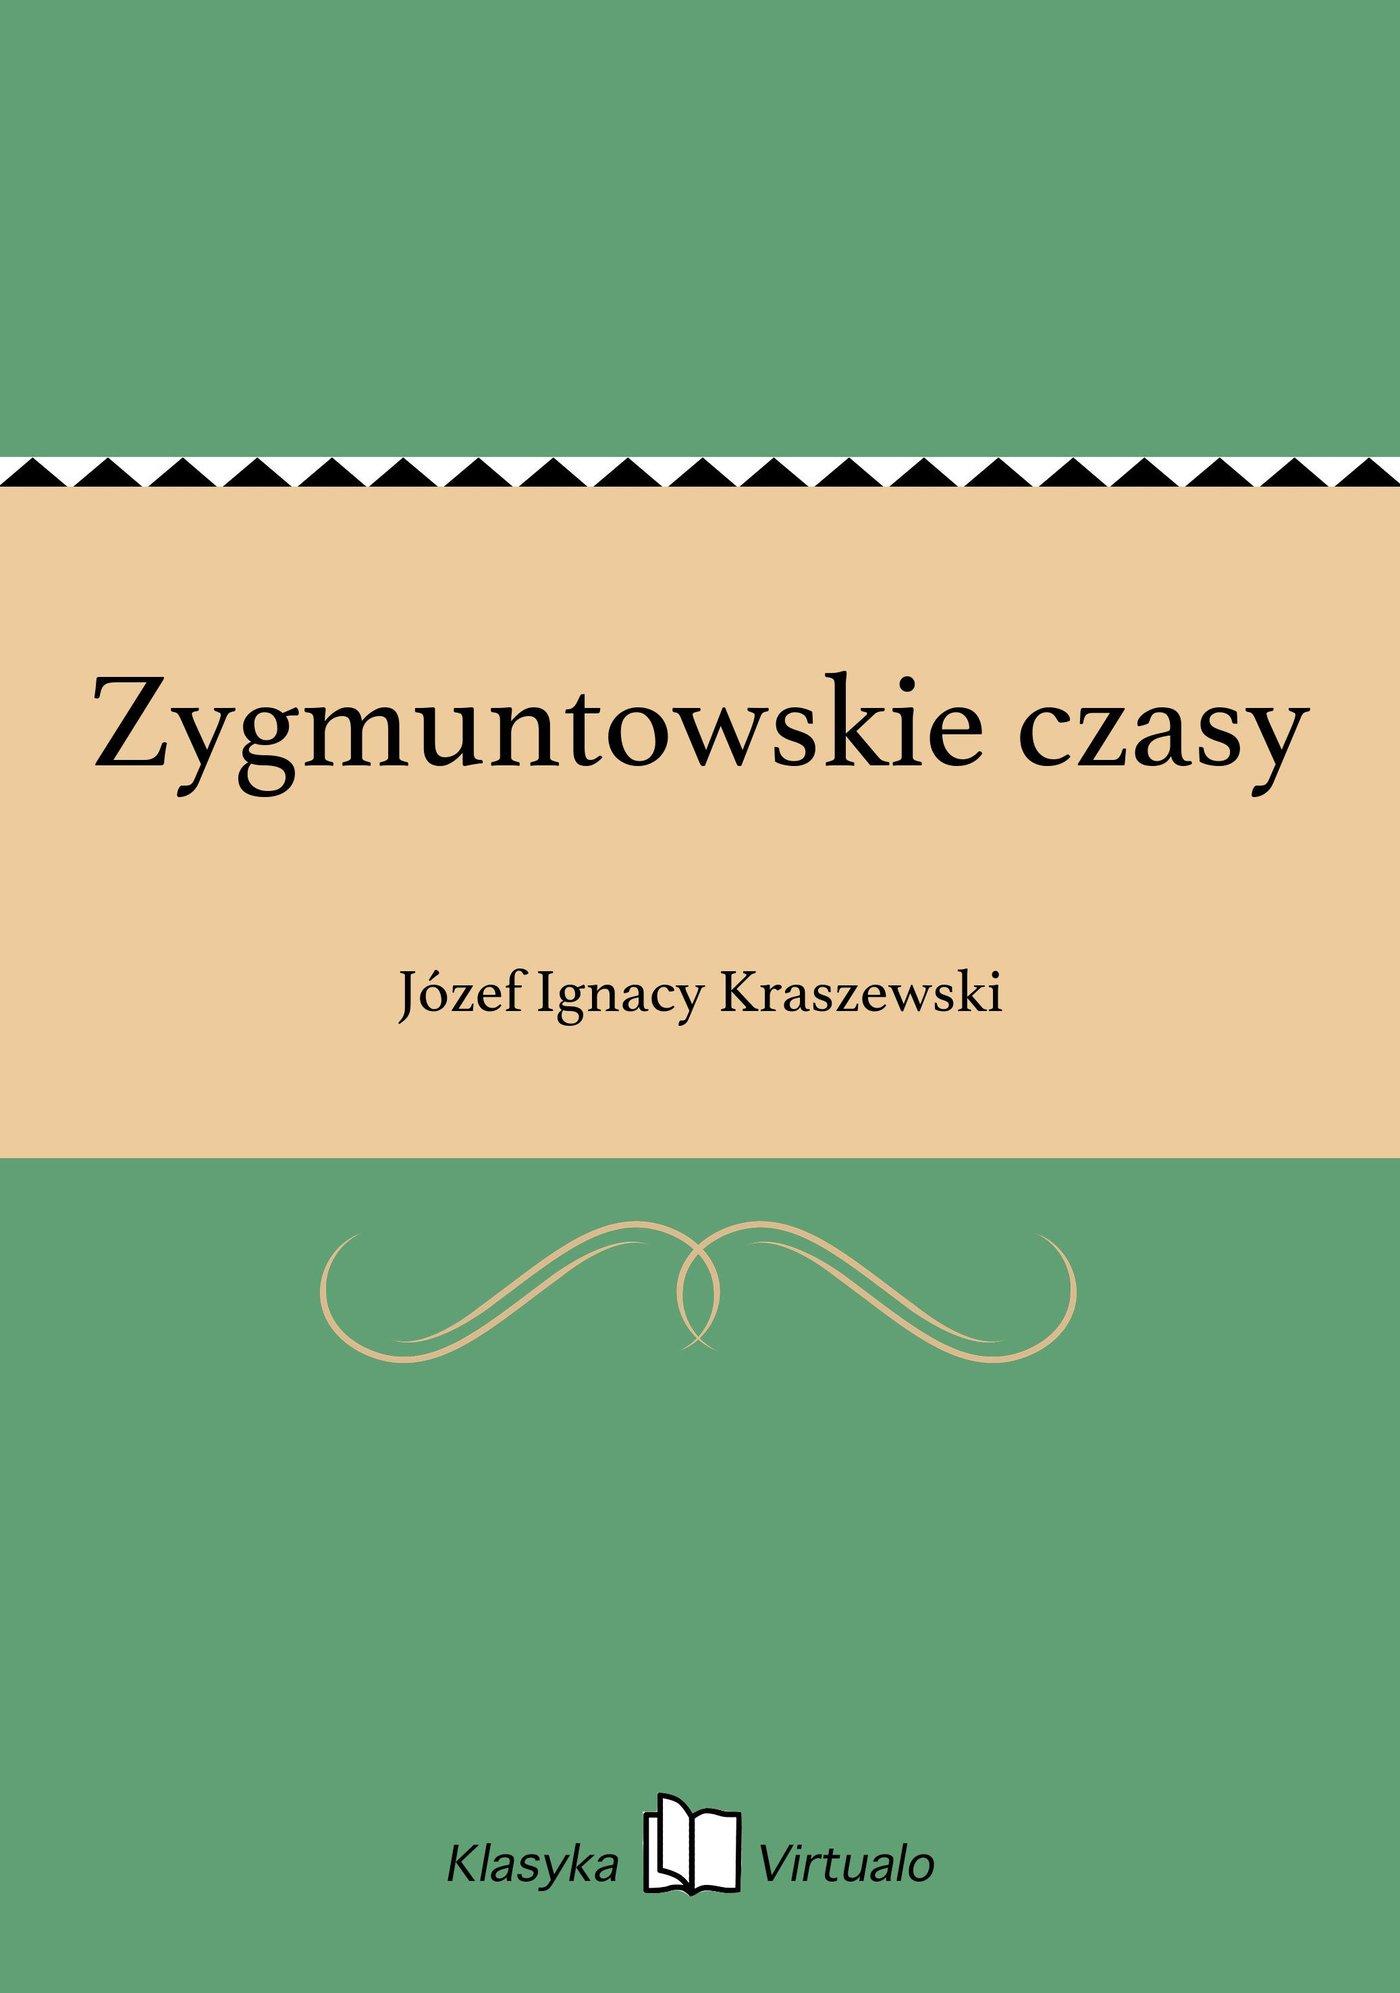 Zygmuntowskie czasy - Ebook (Książka EPUB) do pobrania w formacie EPUB